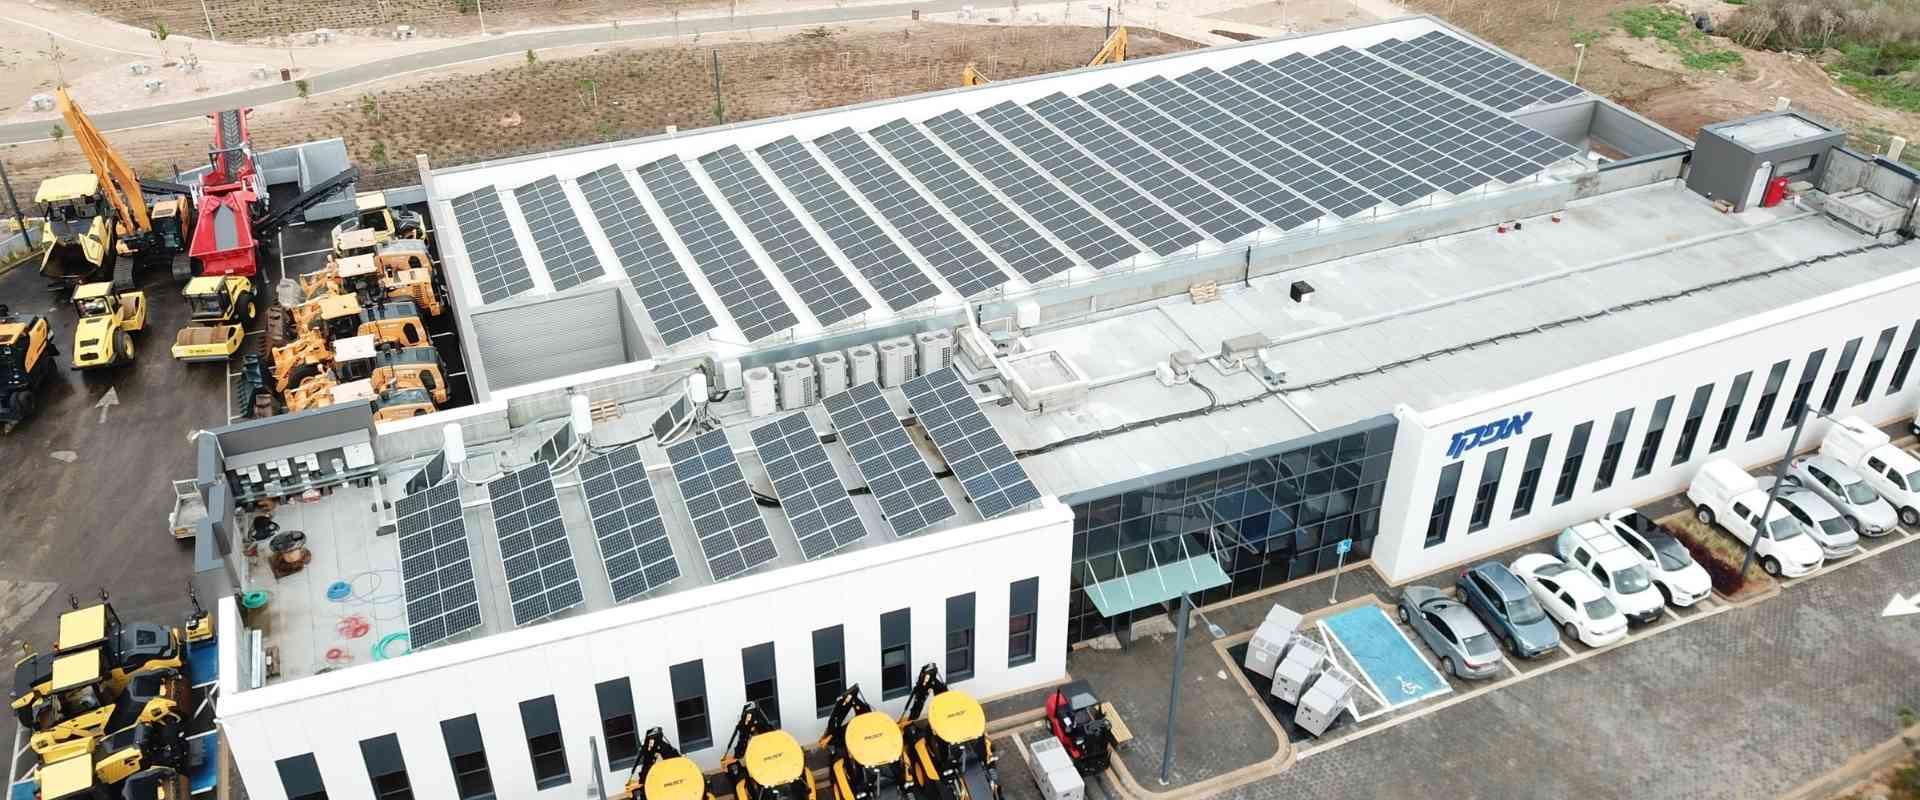 מערכת סולארית עסקית על גגות מפעלים